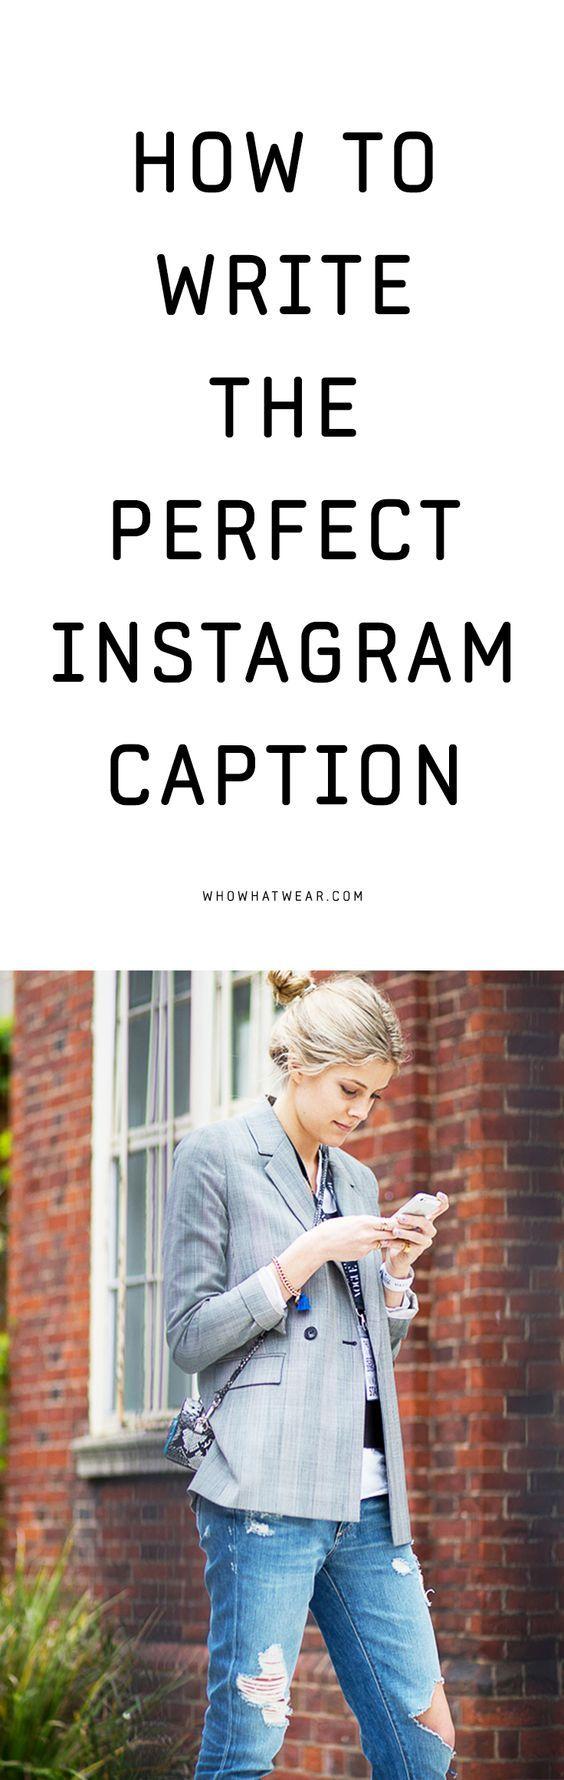 Calendar Caption Ideas : How to write the perfect instagram caption according